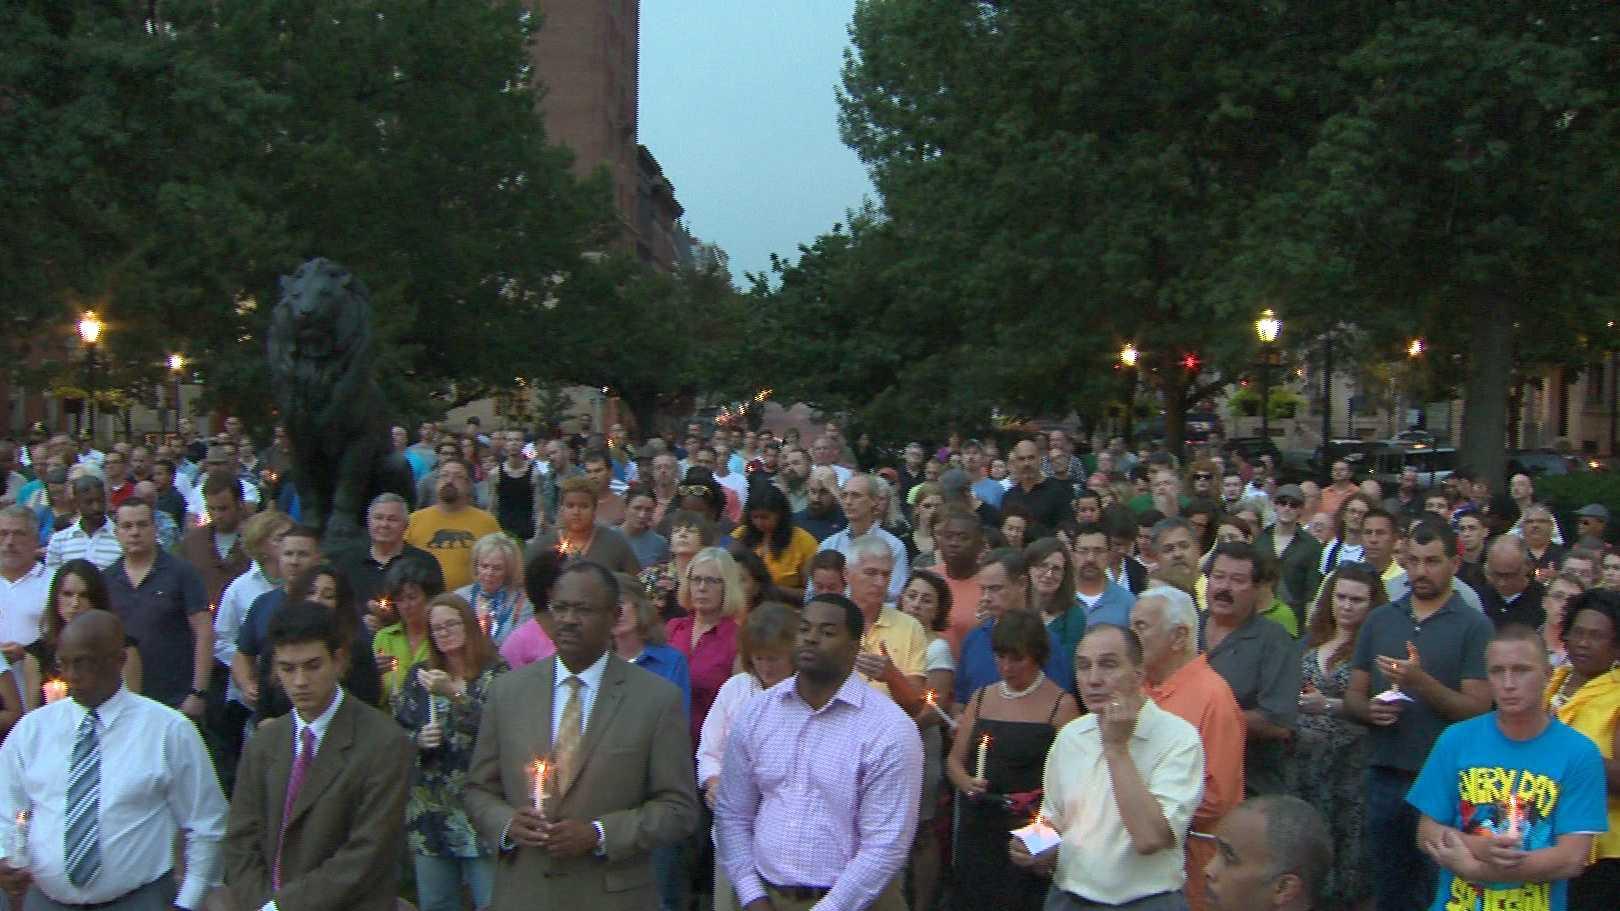 Mount Vernon vigil